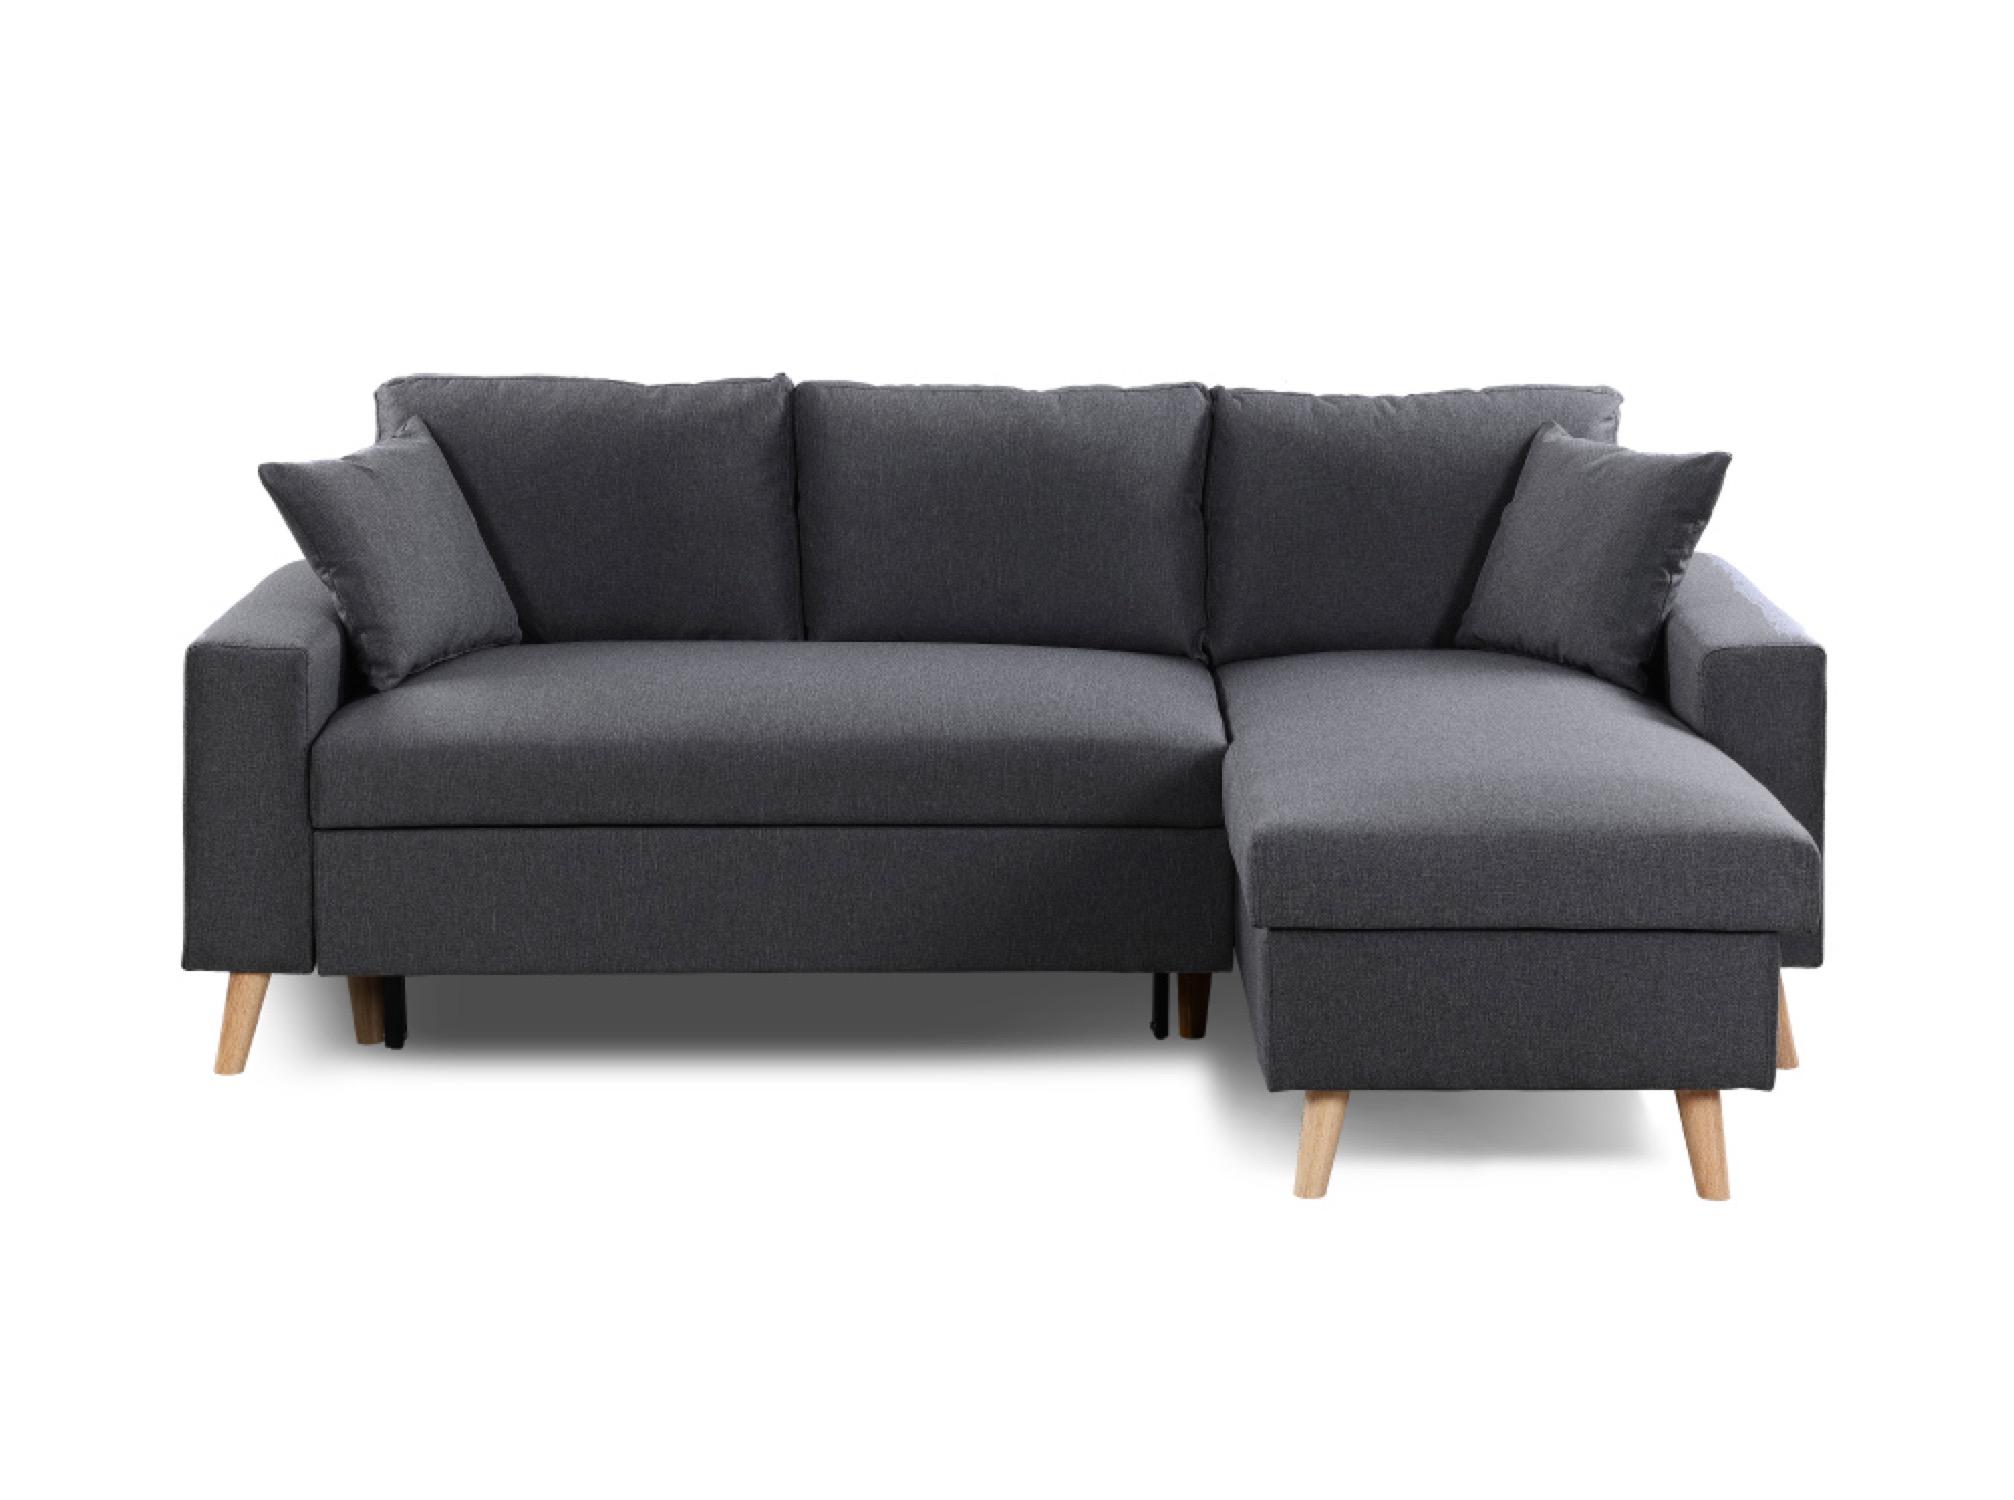 Canapé d'angle 4 places Gris Tissu Scandinave Confort